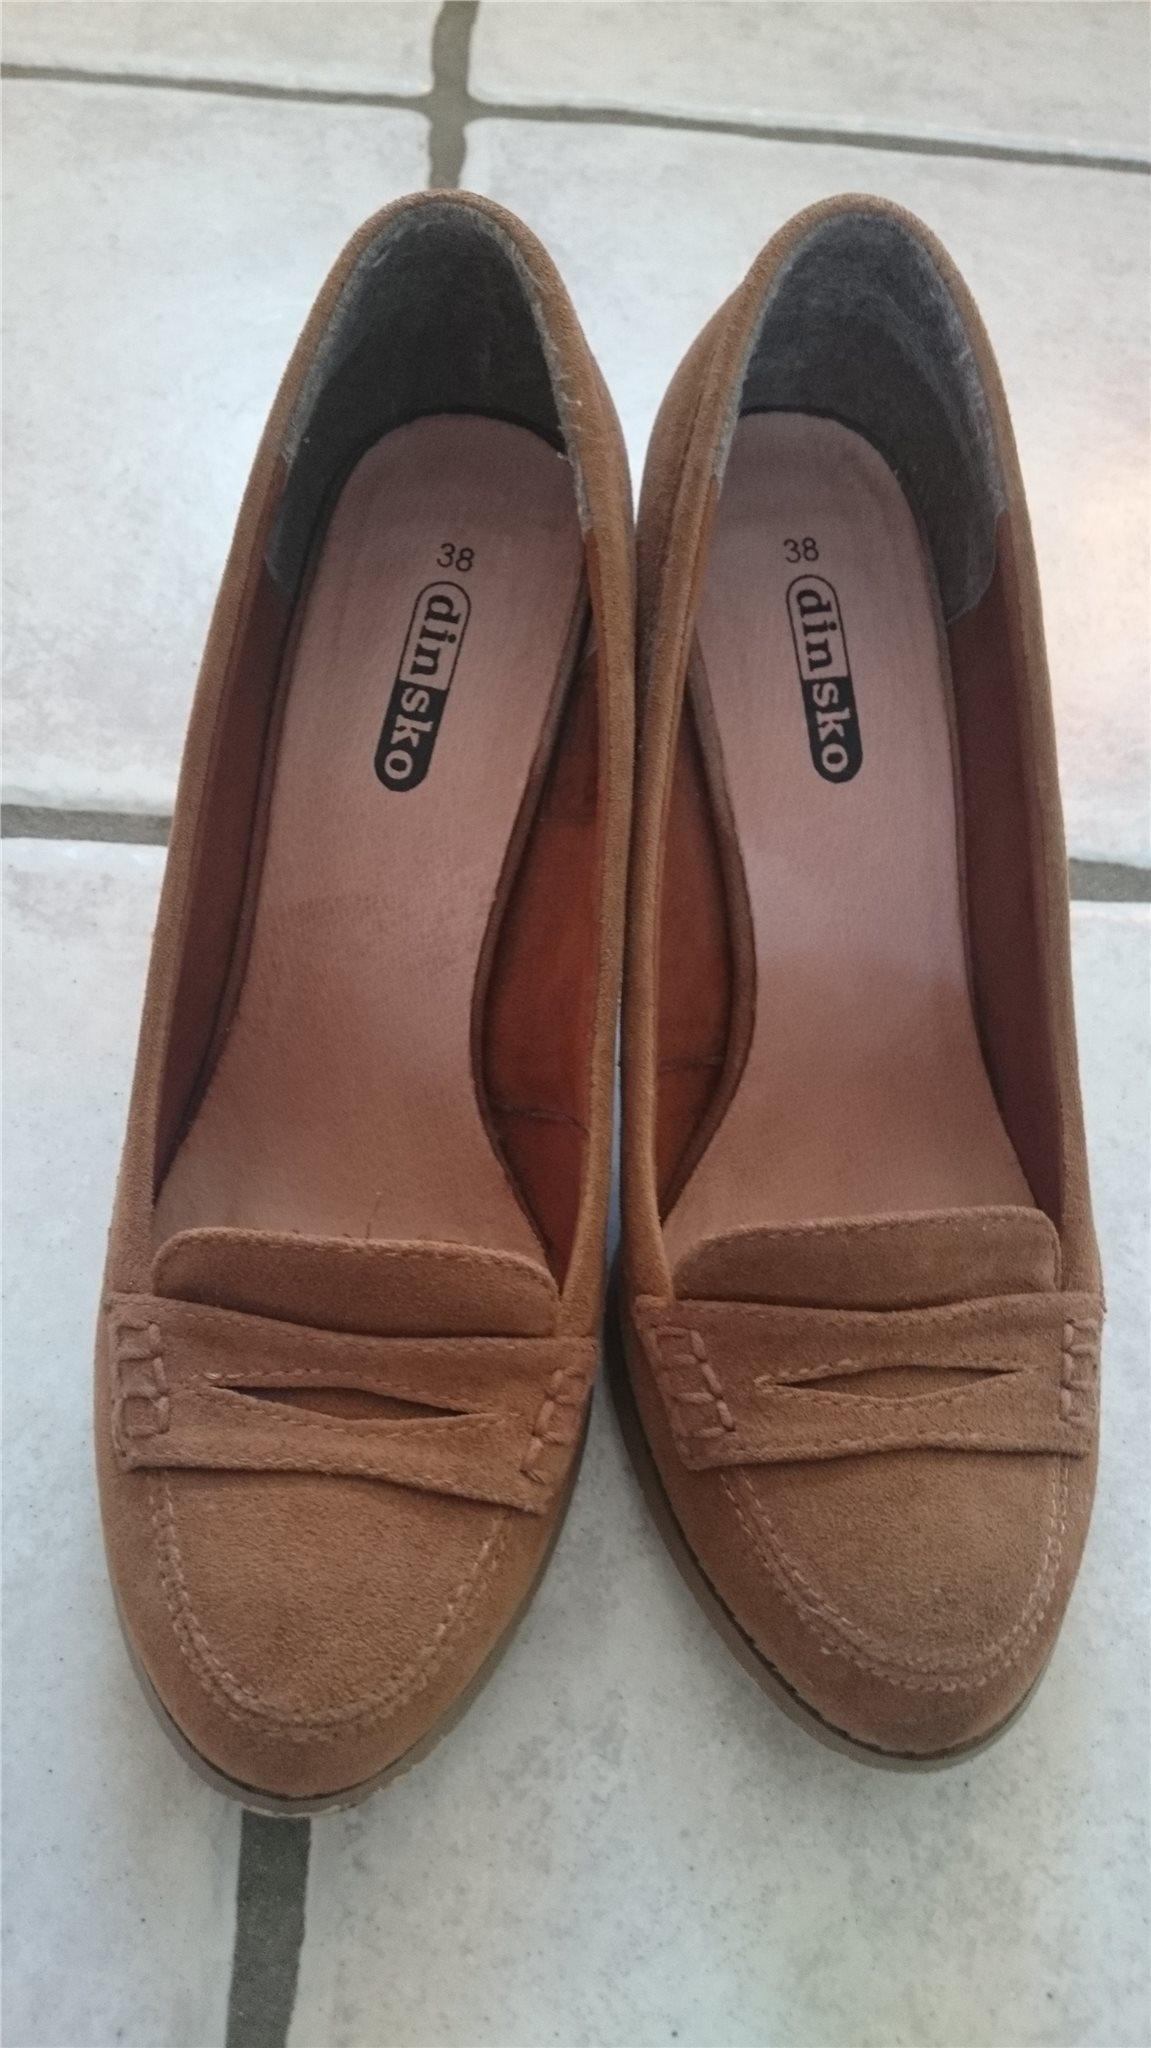 loafers dam din sko